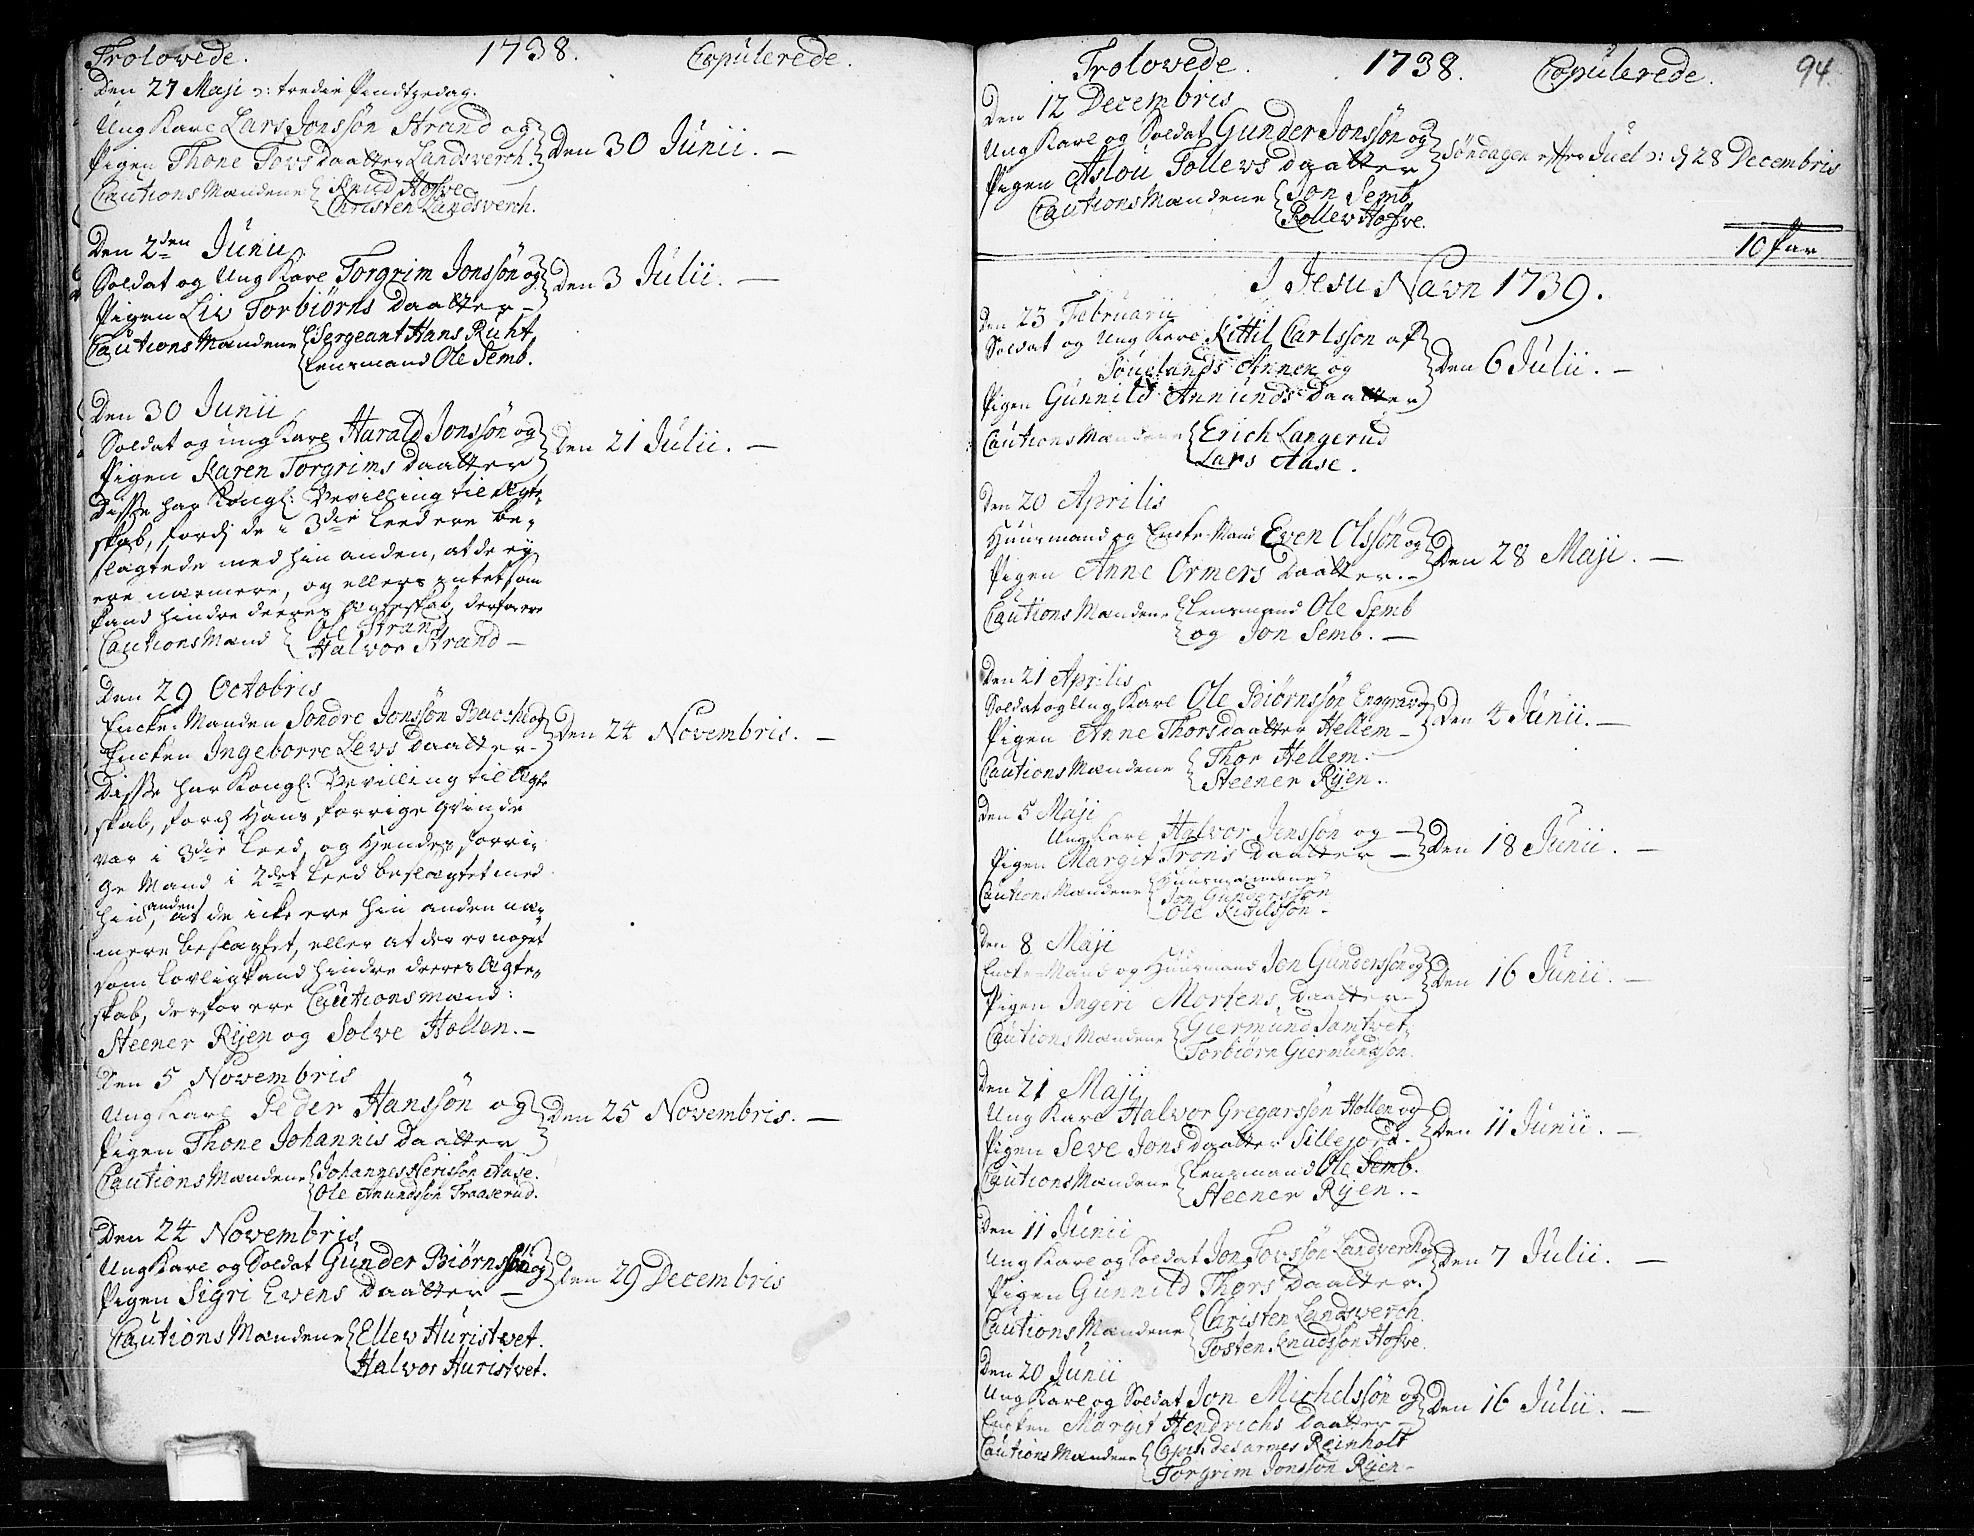 SAKO, Heddal kirkebøker, F/Fa/L0003: Ministerialbok nr. I 3, 1723-1783, s. 94